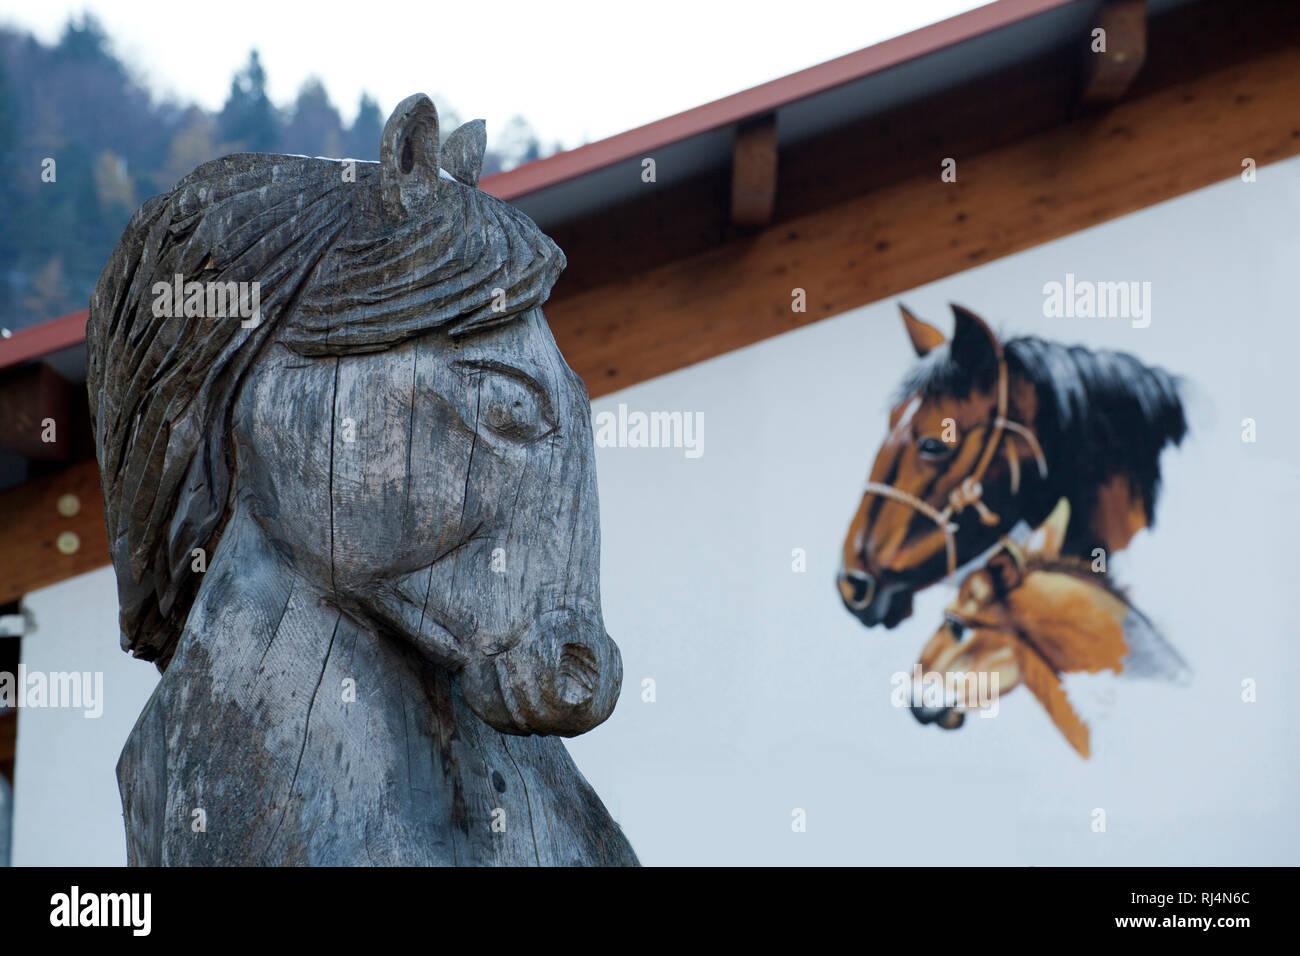 Pferdeportrait, geschnitzt, gemalt - Stock Image